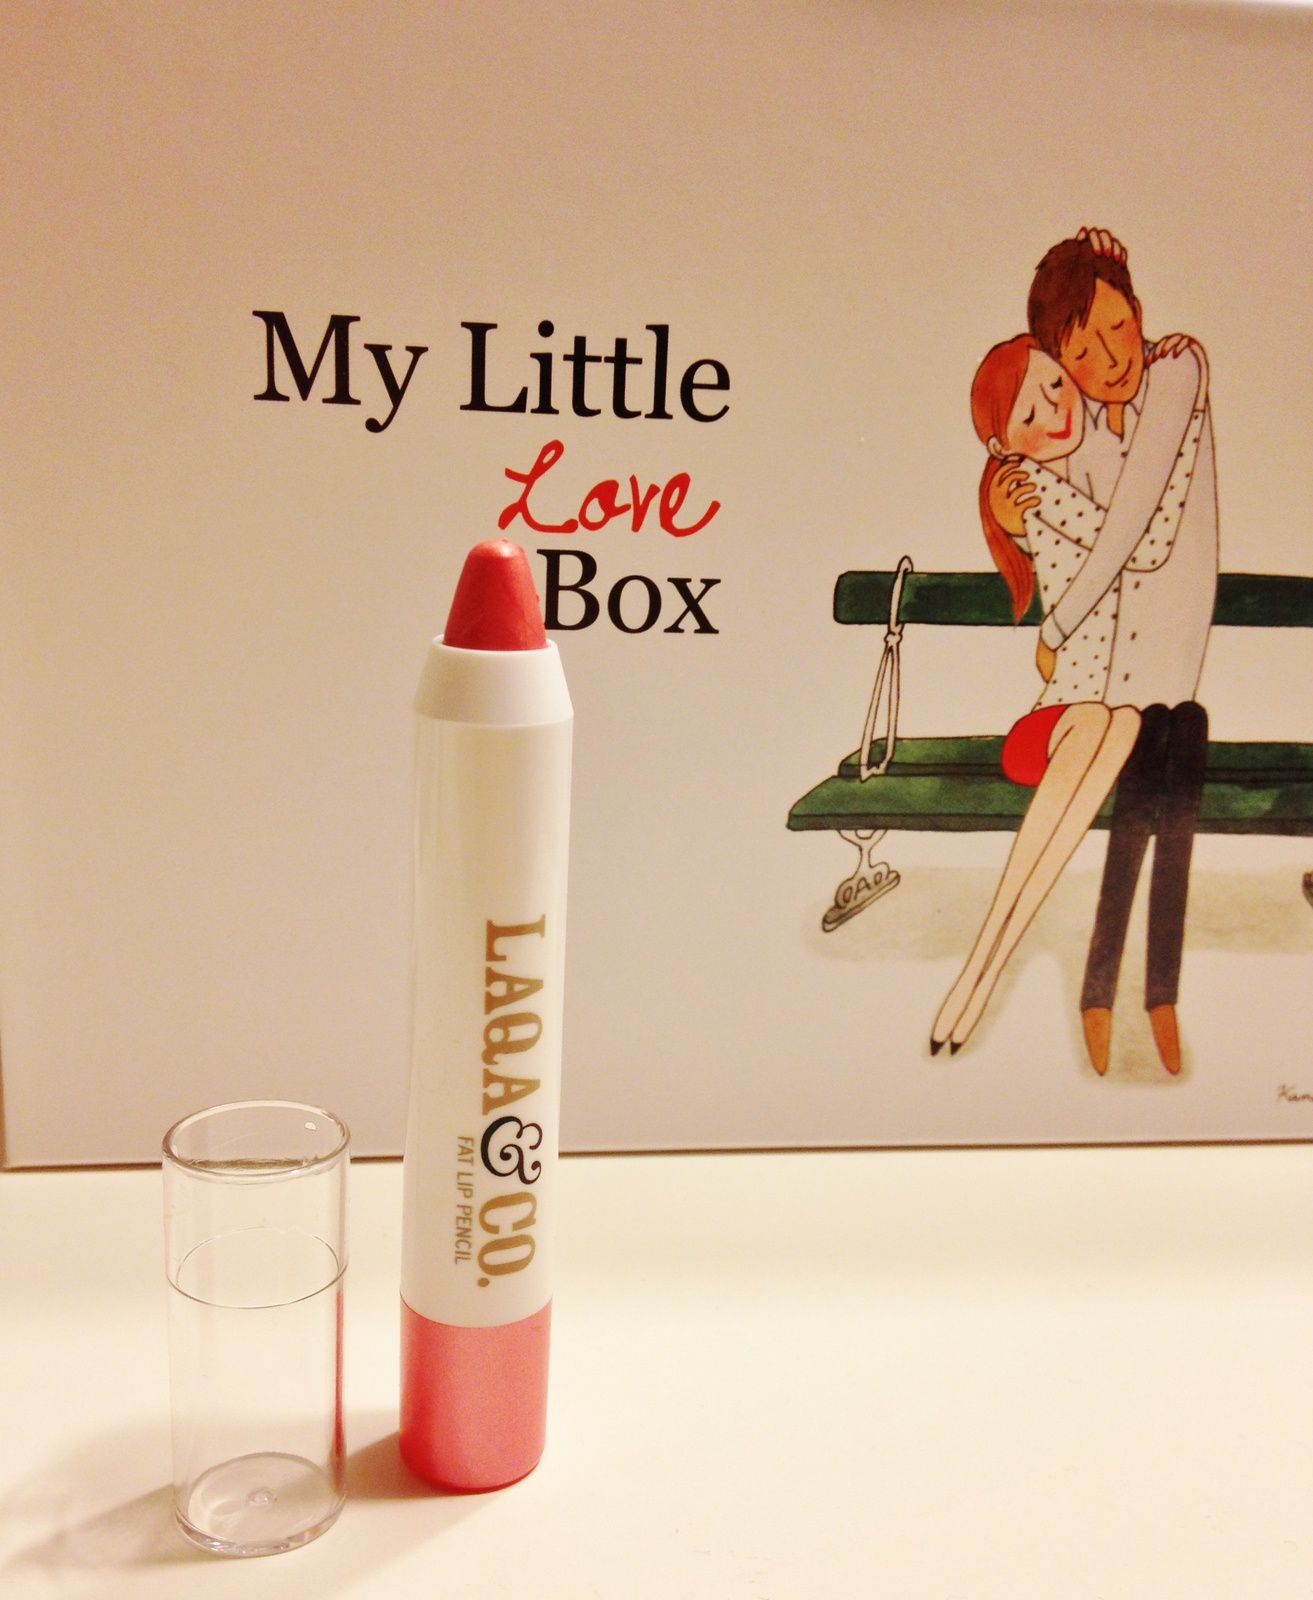 1er produit: Un crayon pour les lèvres de chez Laqa&Co (une marque New Yorkaise). Il sent la menthe, et a une jolie couleur rose. ça change du sempiternel rouge à lèvres de couleur rouge pétant.